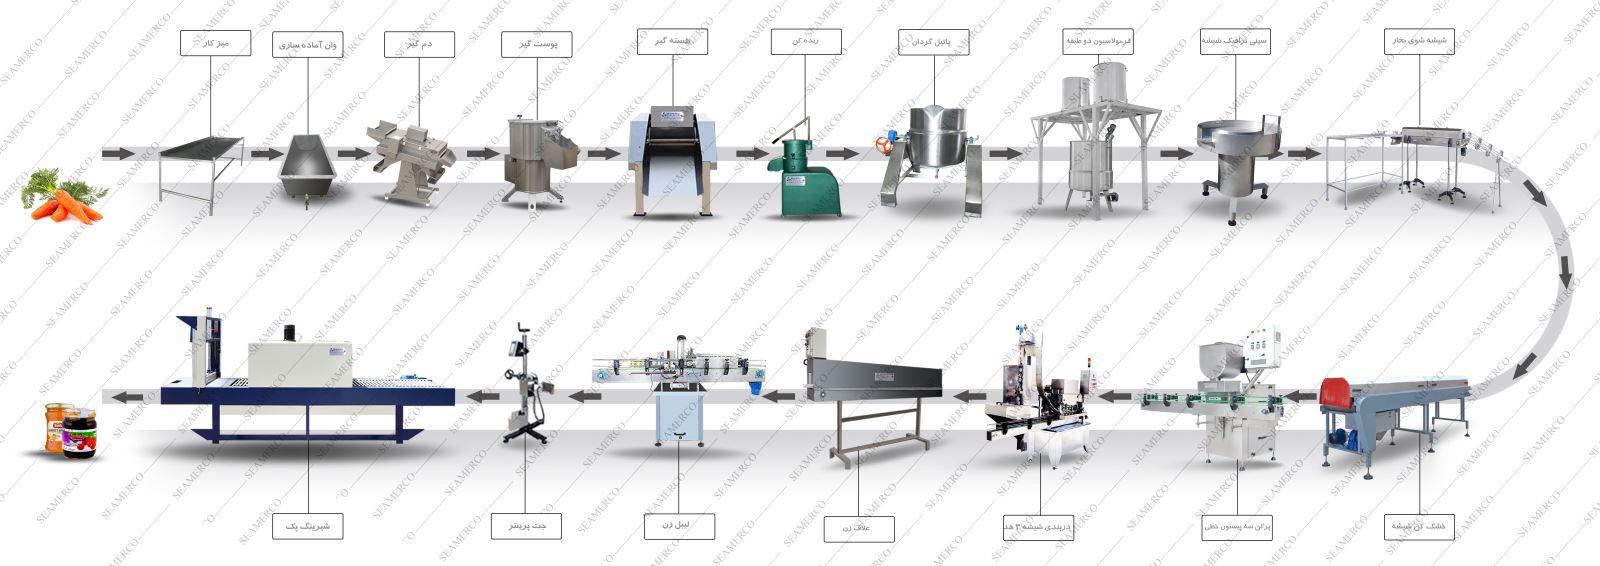 قیمت خط تولید مرباجات-روش تولید مربا صنعتی-مراحل تولید مربا در کارخانه-خط تولید کارخانه مربا-ماشین آلات خط تولید مربا